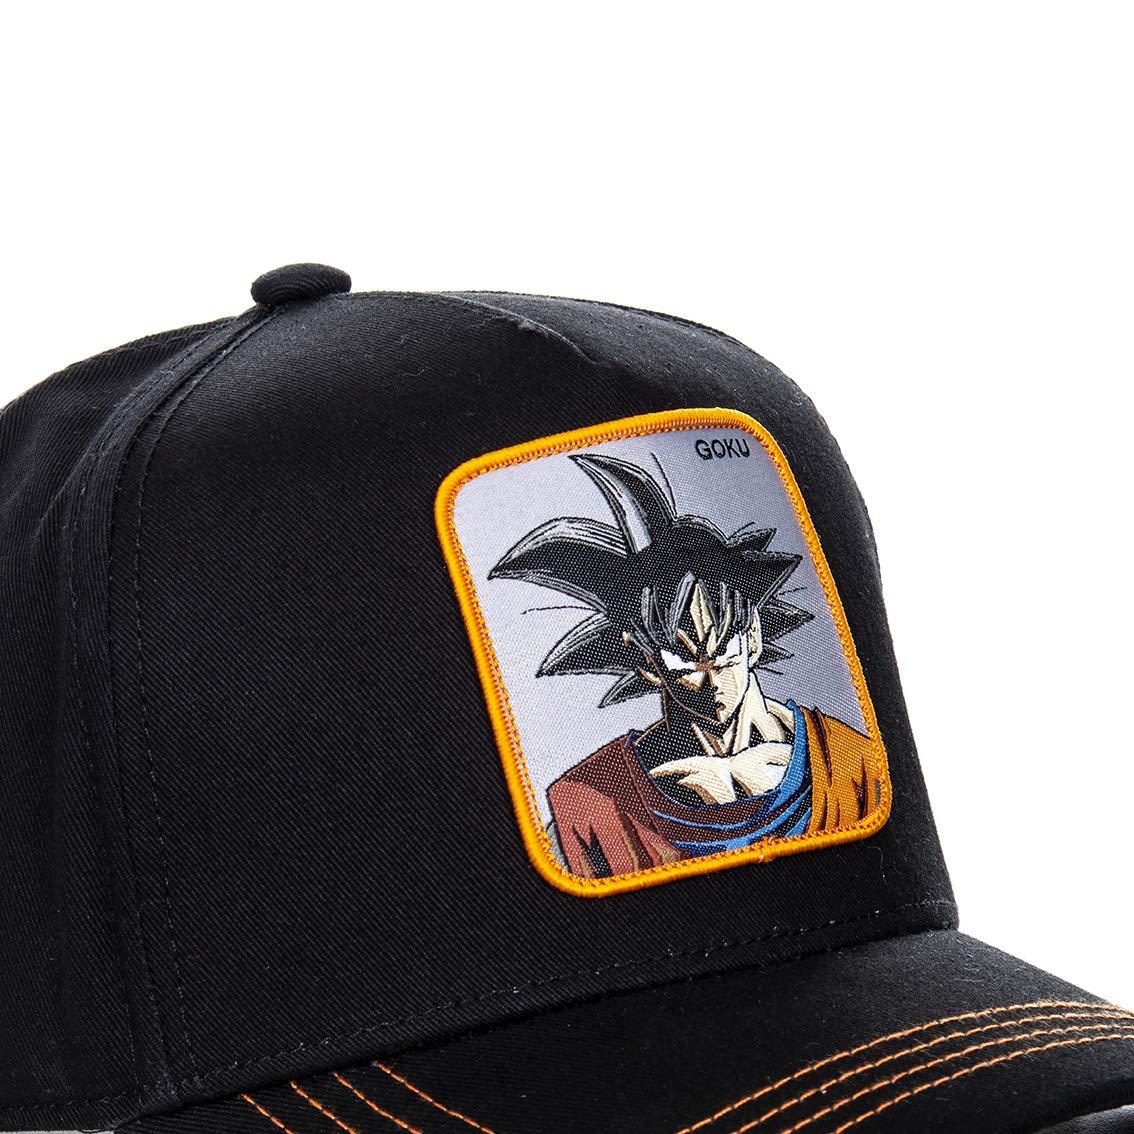 Collabs Gorra Dragon Ball Z Goku Negro OSFA (Talla única para Todos sexos): Amazon.es: Ropa y accesorios